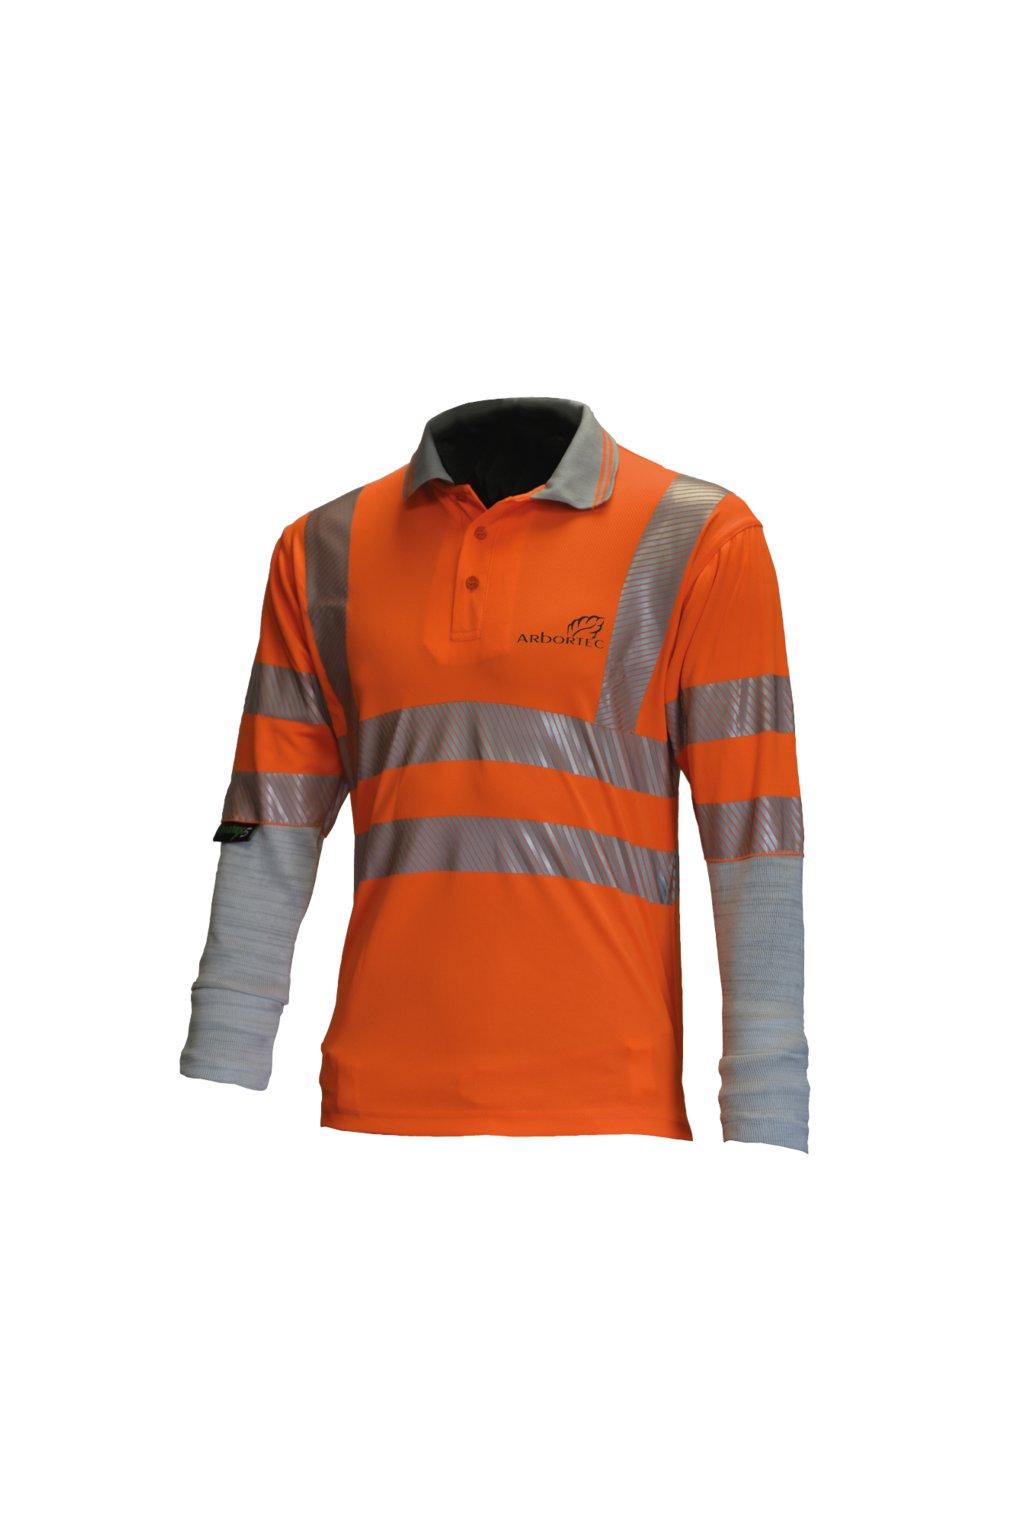 Polotriko s ochranným rukávem oranžové Hi-Viz